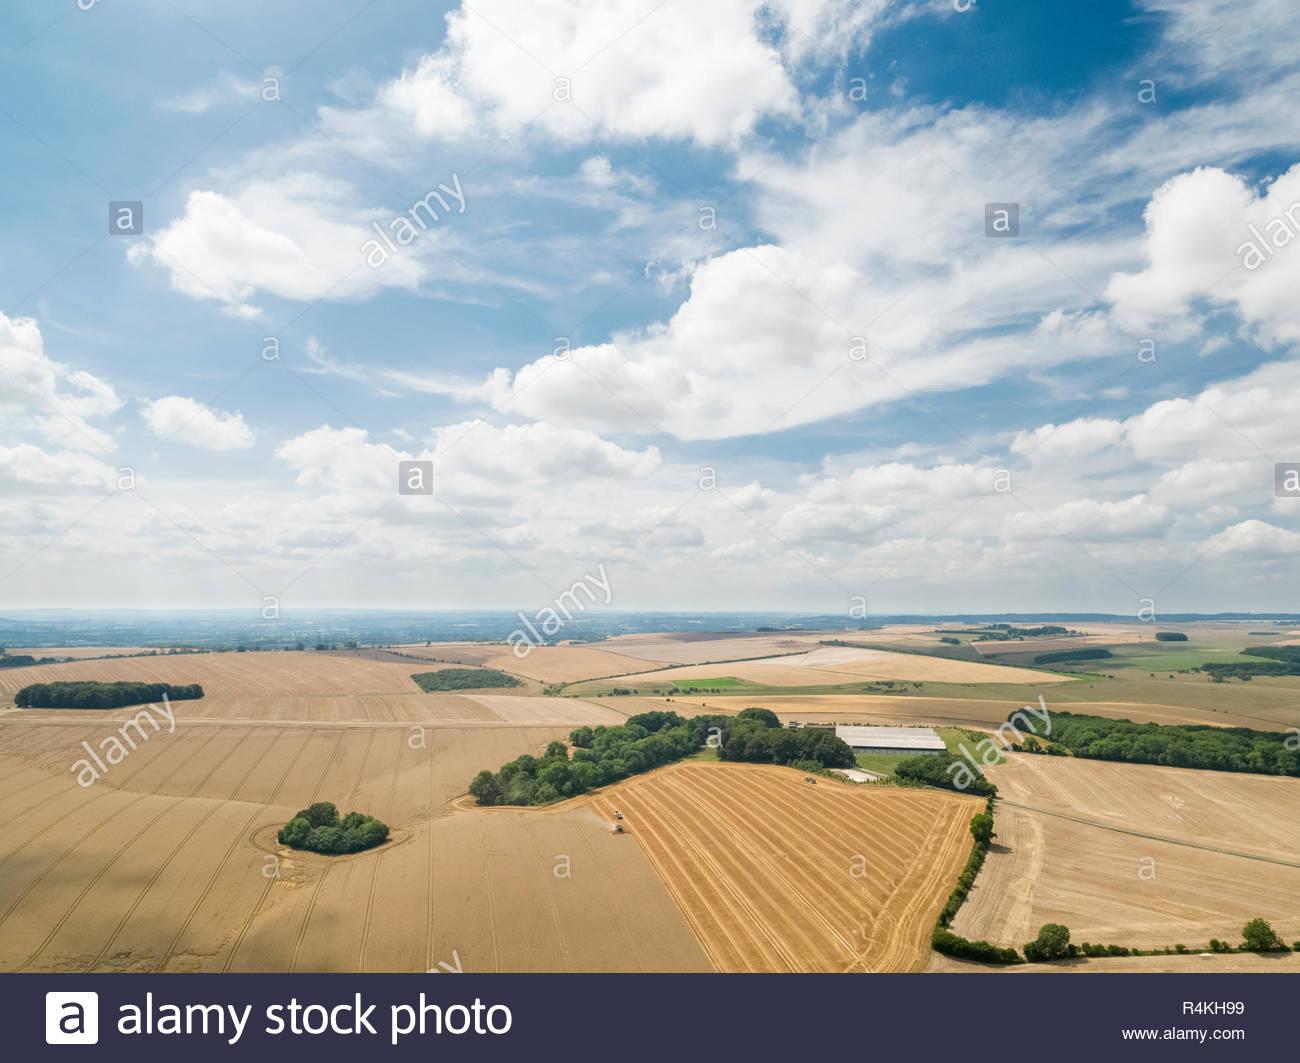 Ernte Landschaft Antenne von Mähdrescher schneiden Sommer Weizenfeld Ernte mit Traktoren Anhänger unter blauem Himmel auf der Farm Stockfoto